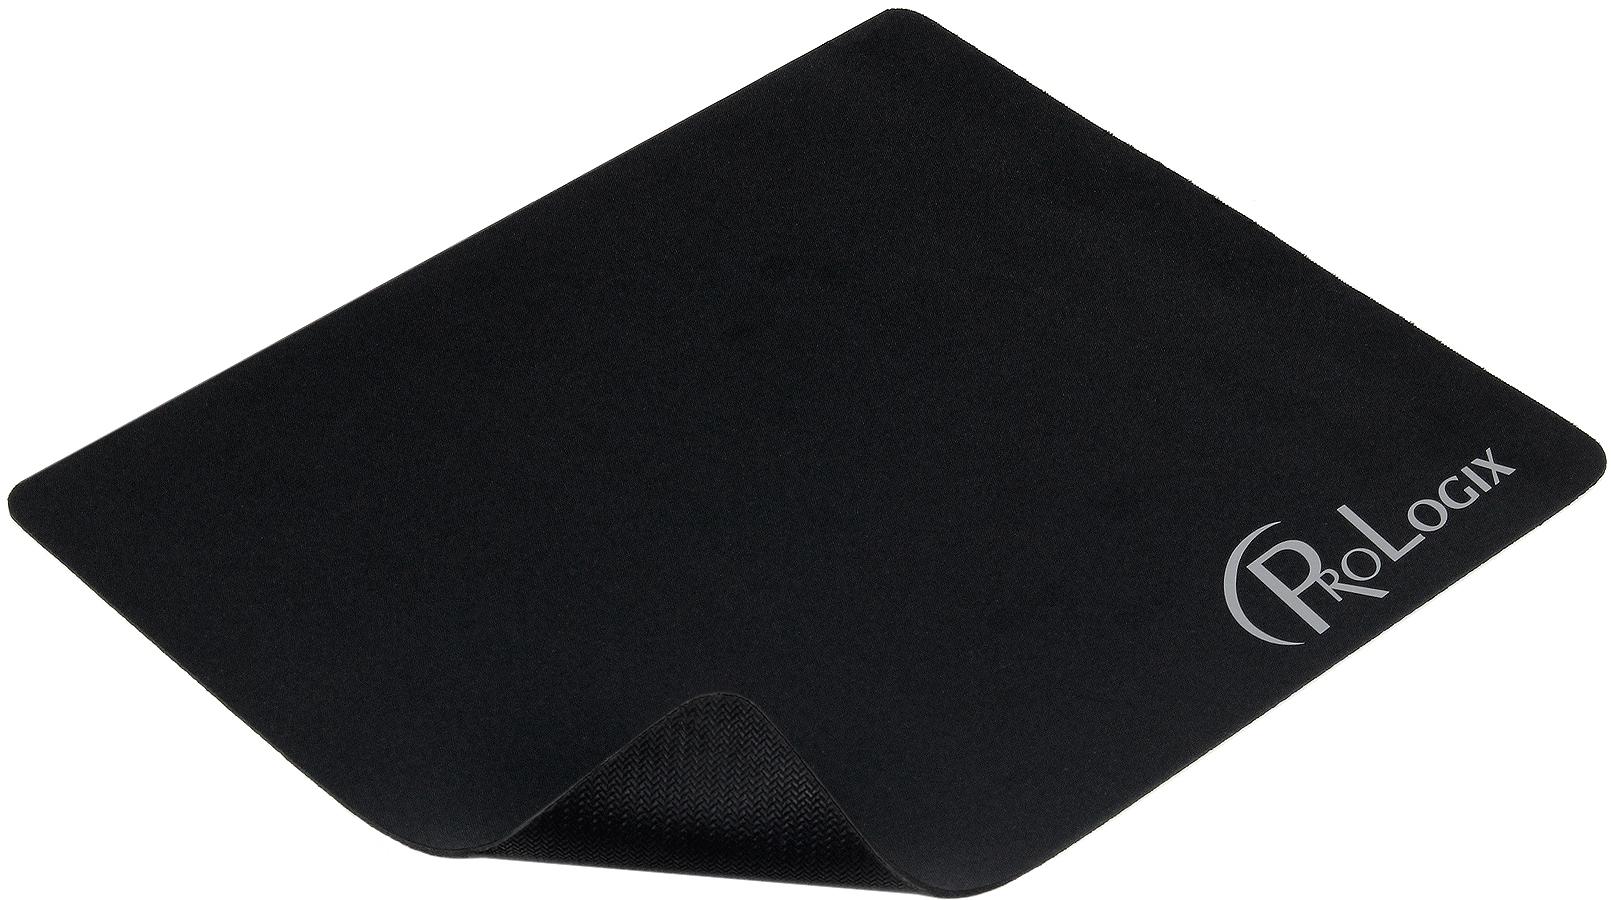 Купить Килимок ProLogix MP-L290 Black